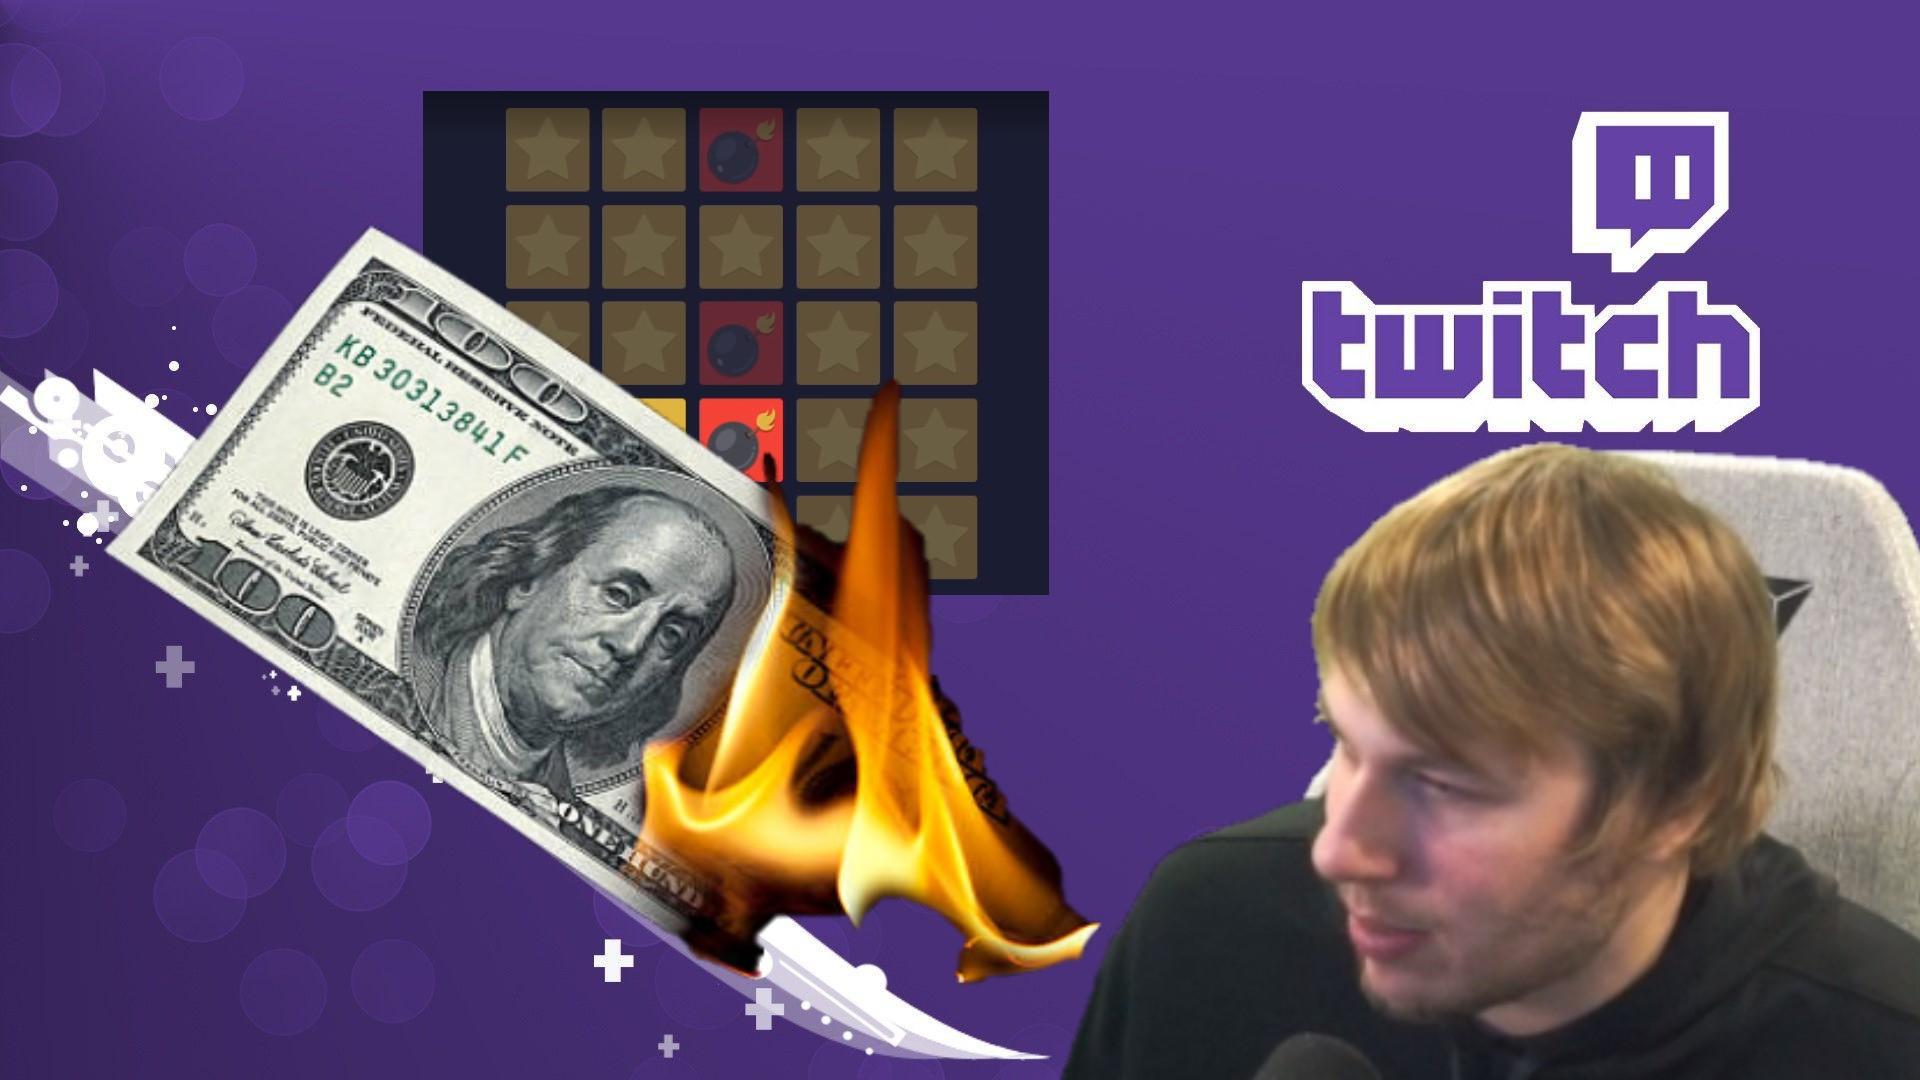 spielen die streamer mit echtem geld slots